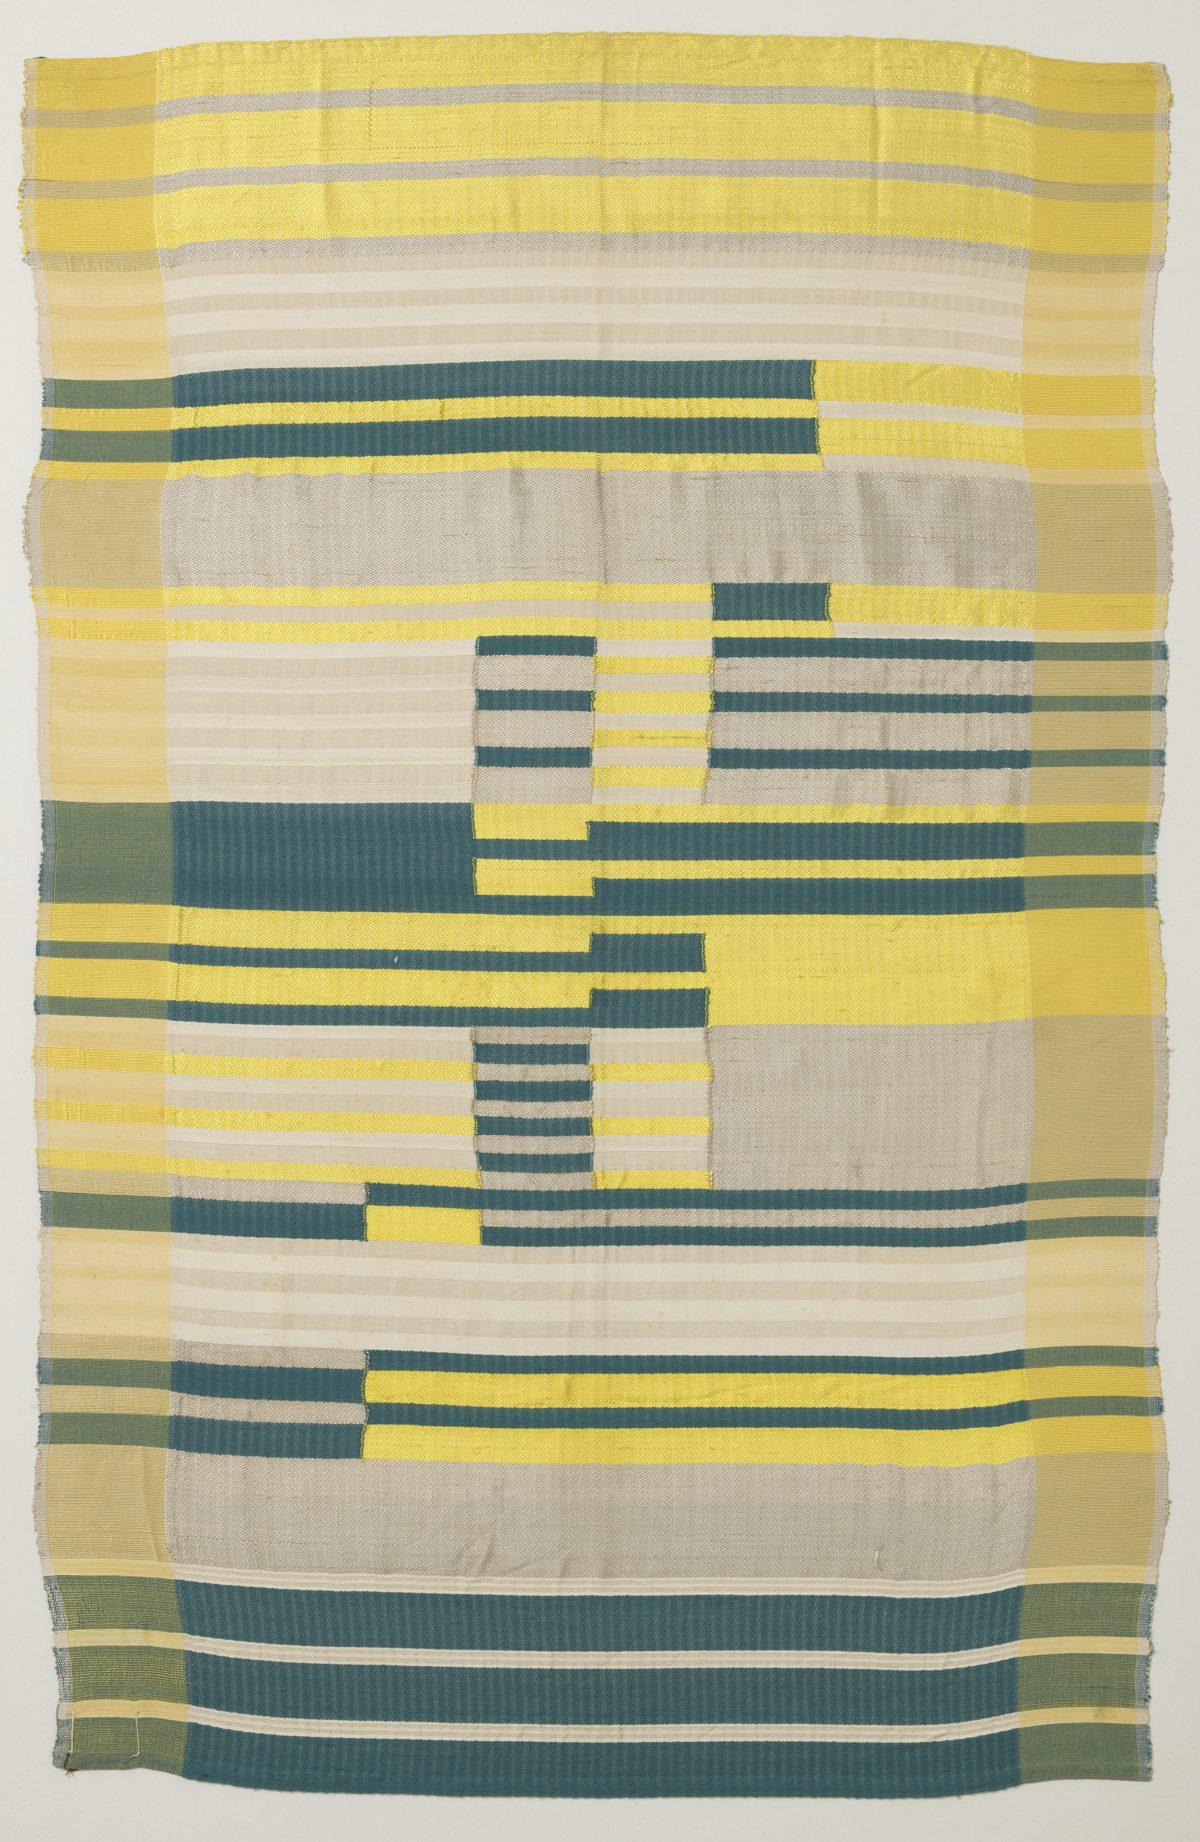 Albers, Anni, Wandbehang Nr. 81, 1925, Gewebe, Herst.: Staatliches Bauhaus, Dessau, Foto: Die Neue Sammlung — The Design Museum